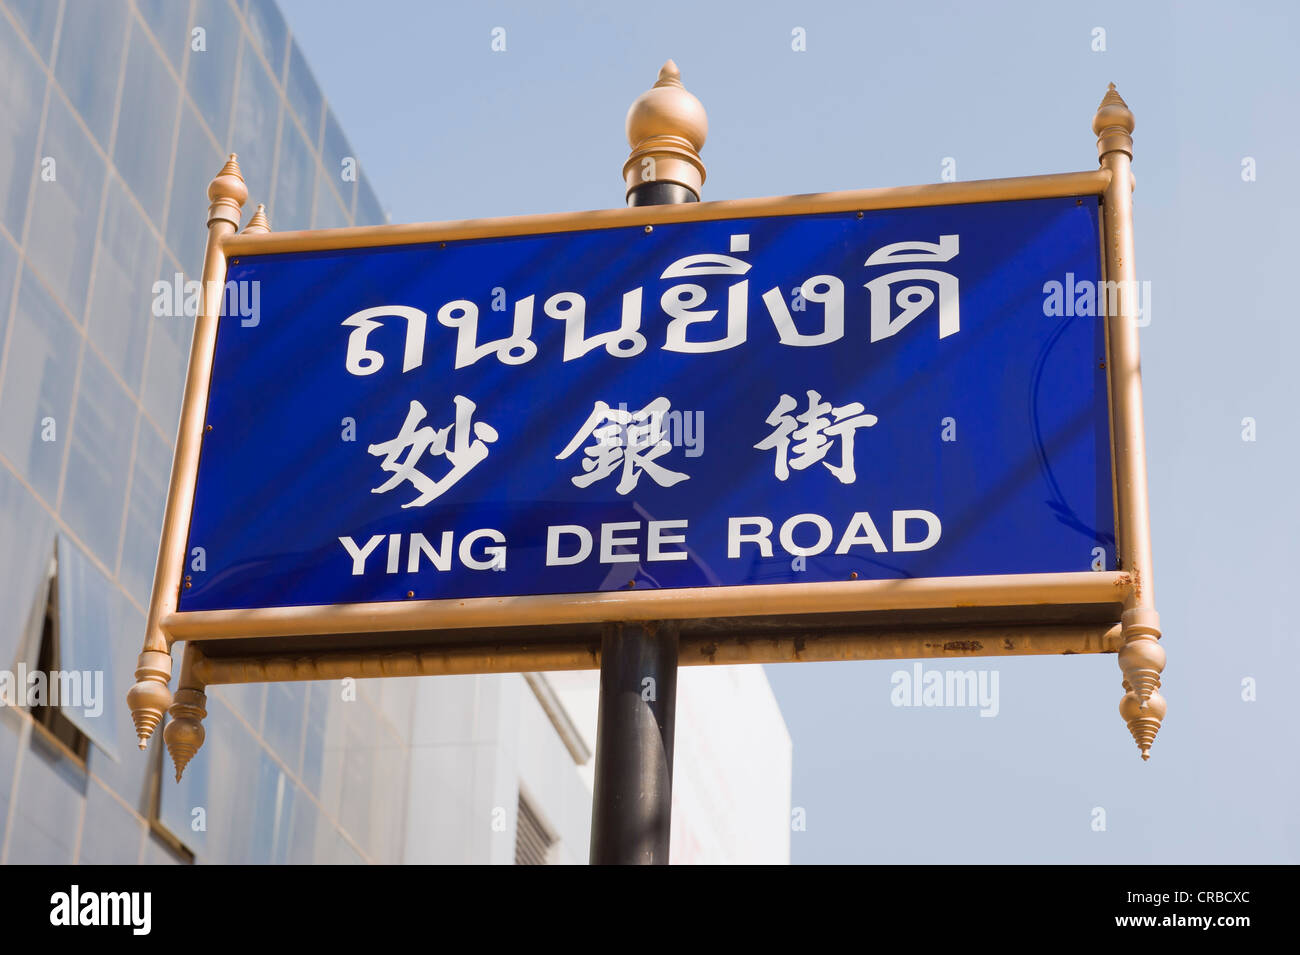 Ying Dee Road, un cartello stradale con scritte in Tailandese, Cinese e latino, Trang, Thailandia, Sud-est asiatico, Immagini Stock